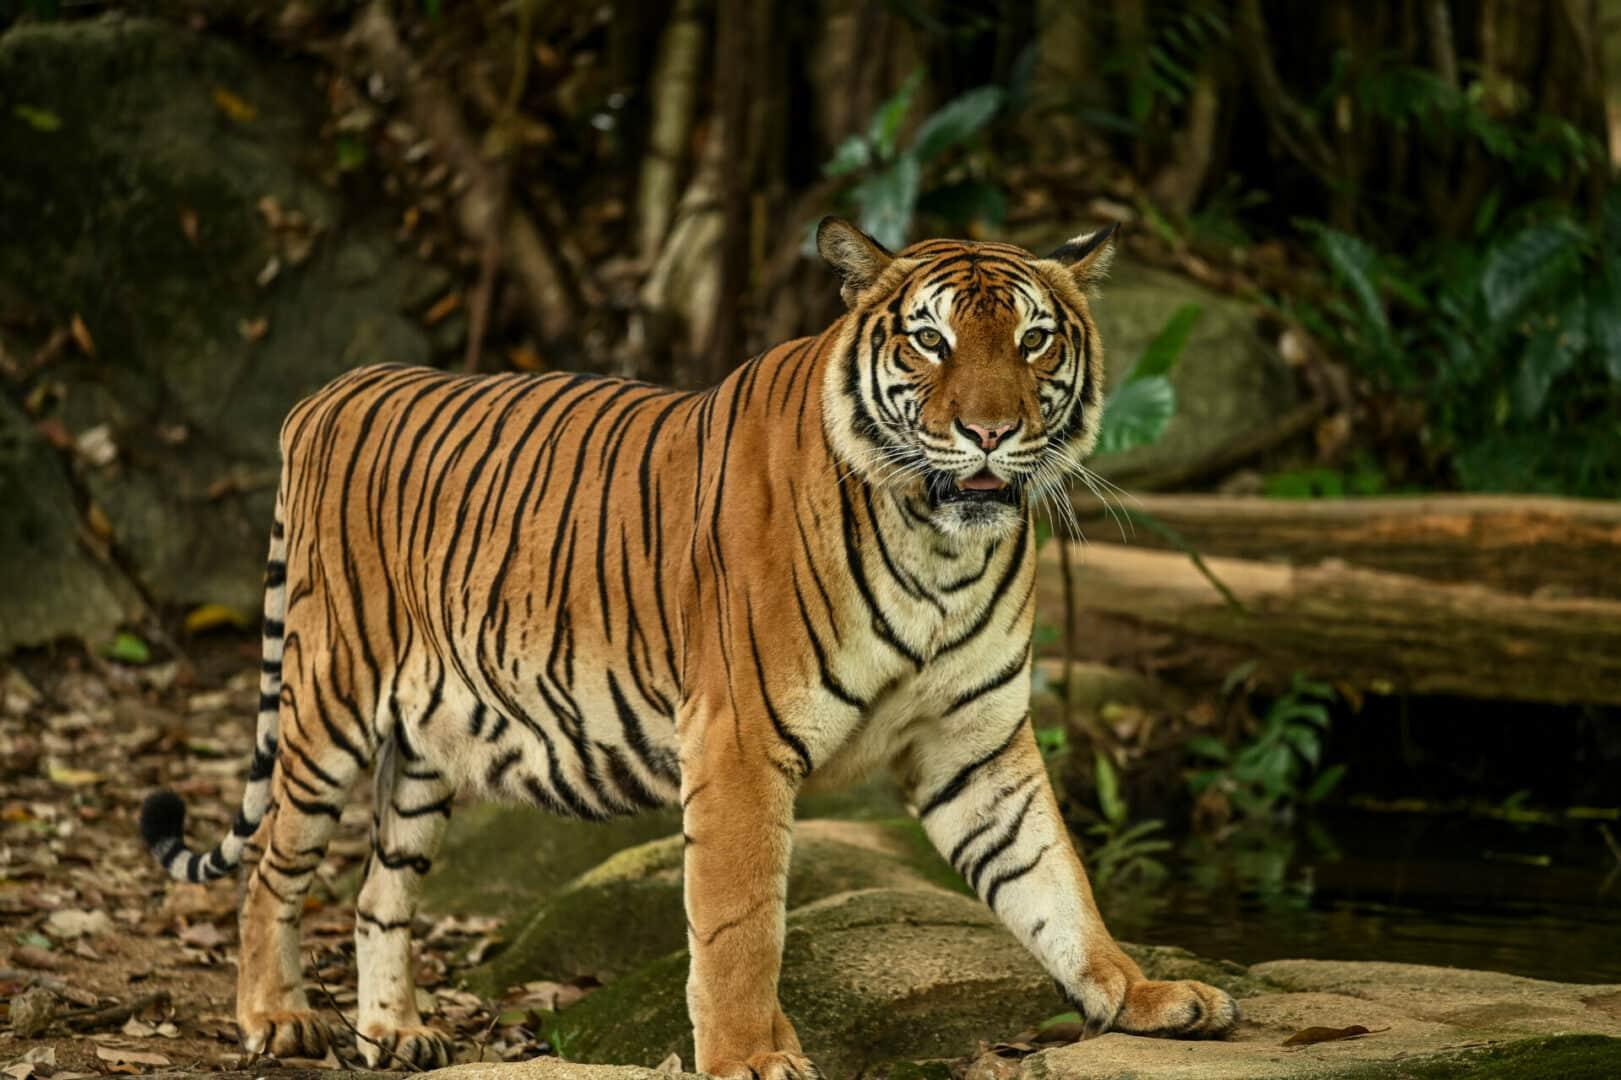 Malayan tiger facts